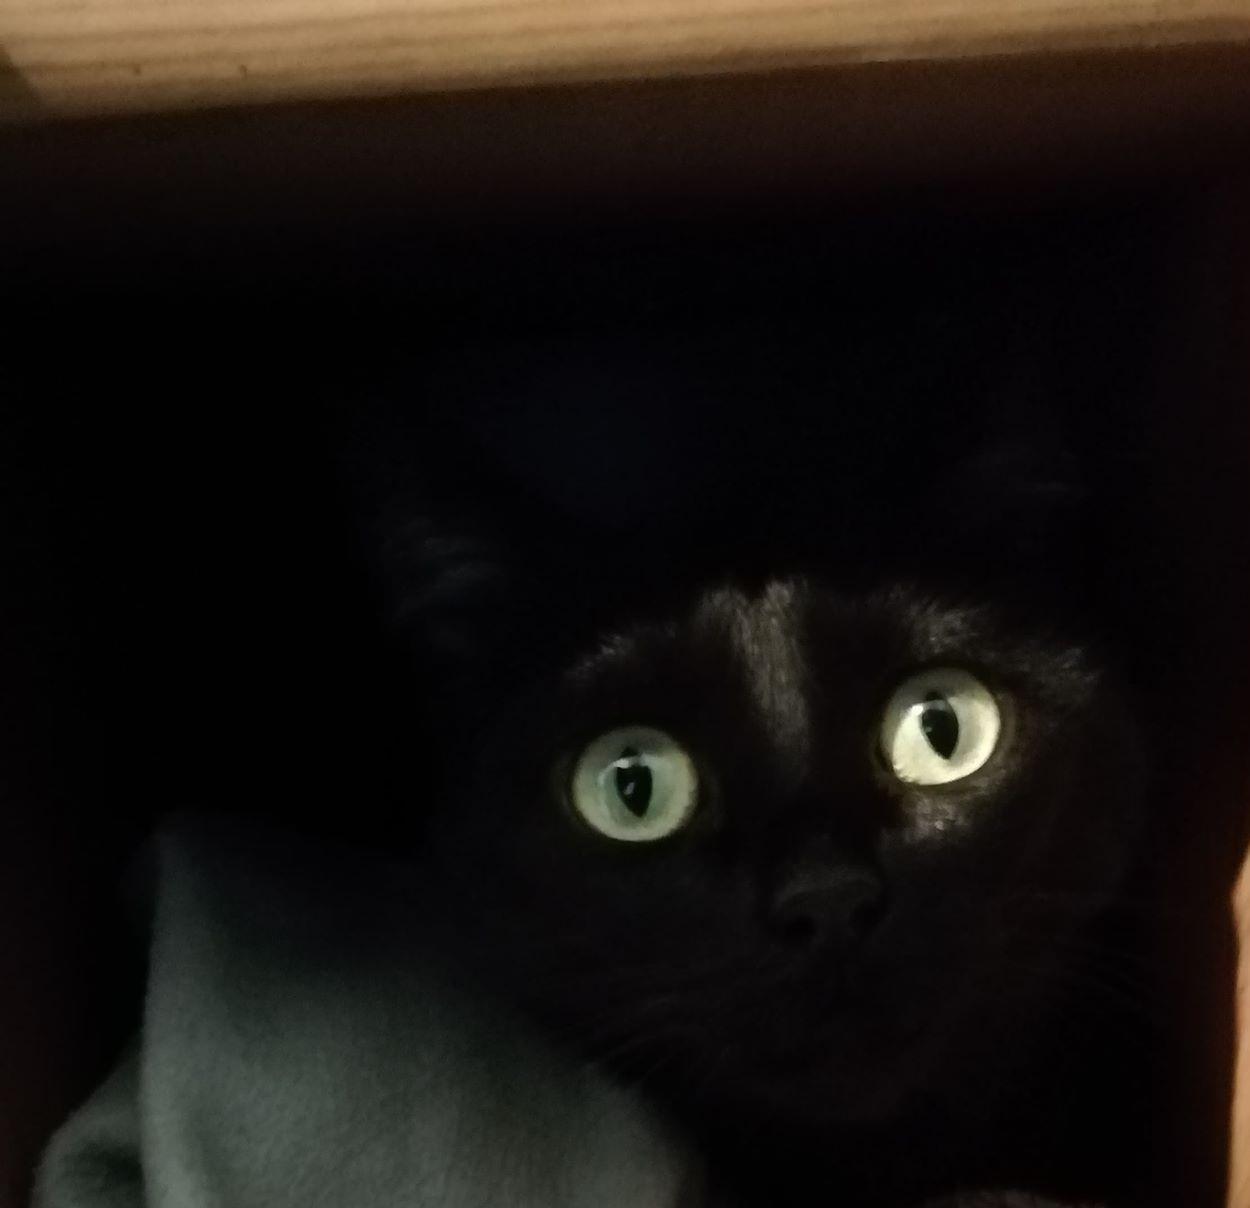 très sombre chatte pics